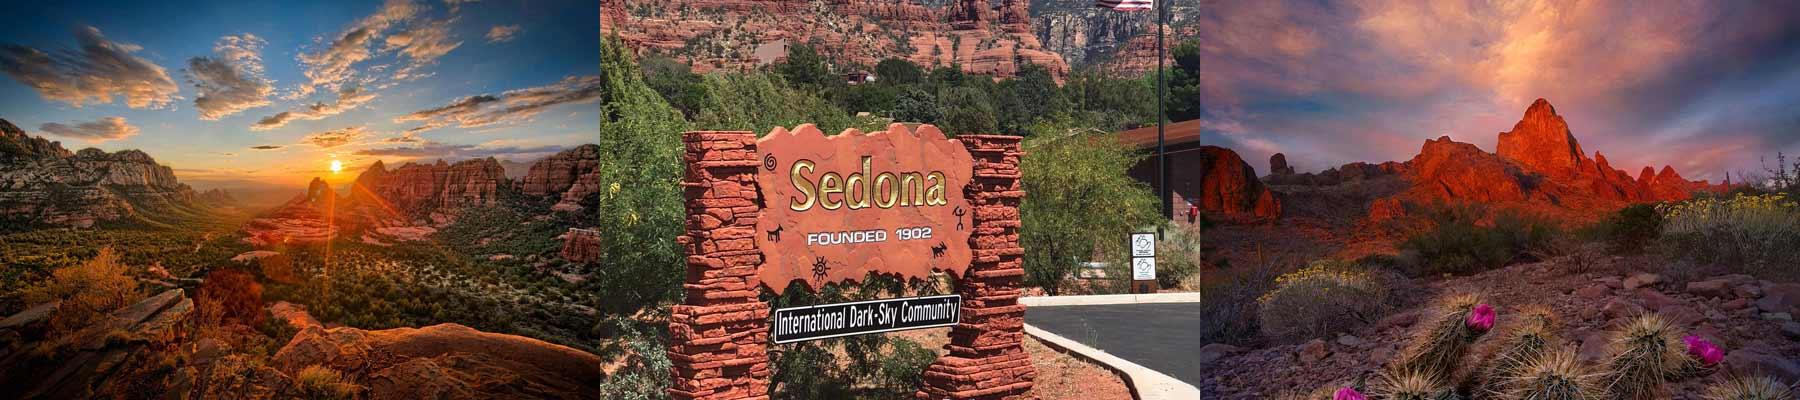 Sedona Founded 1902